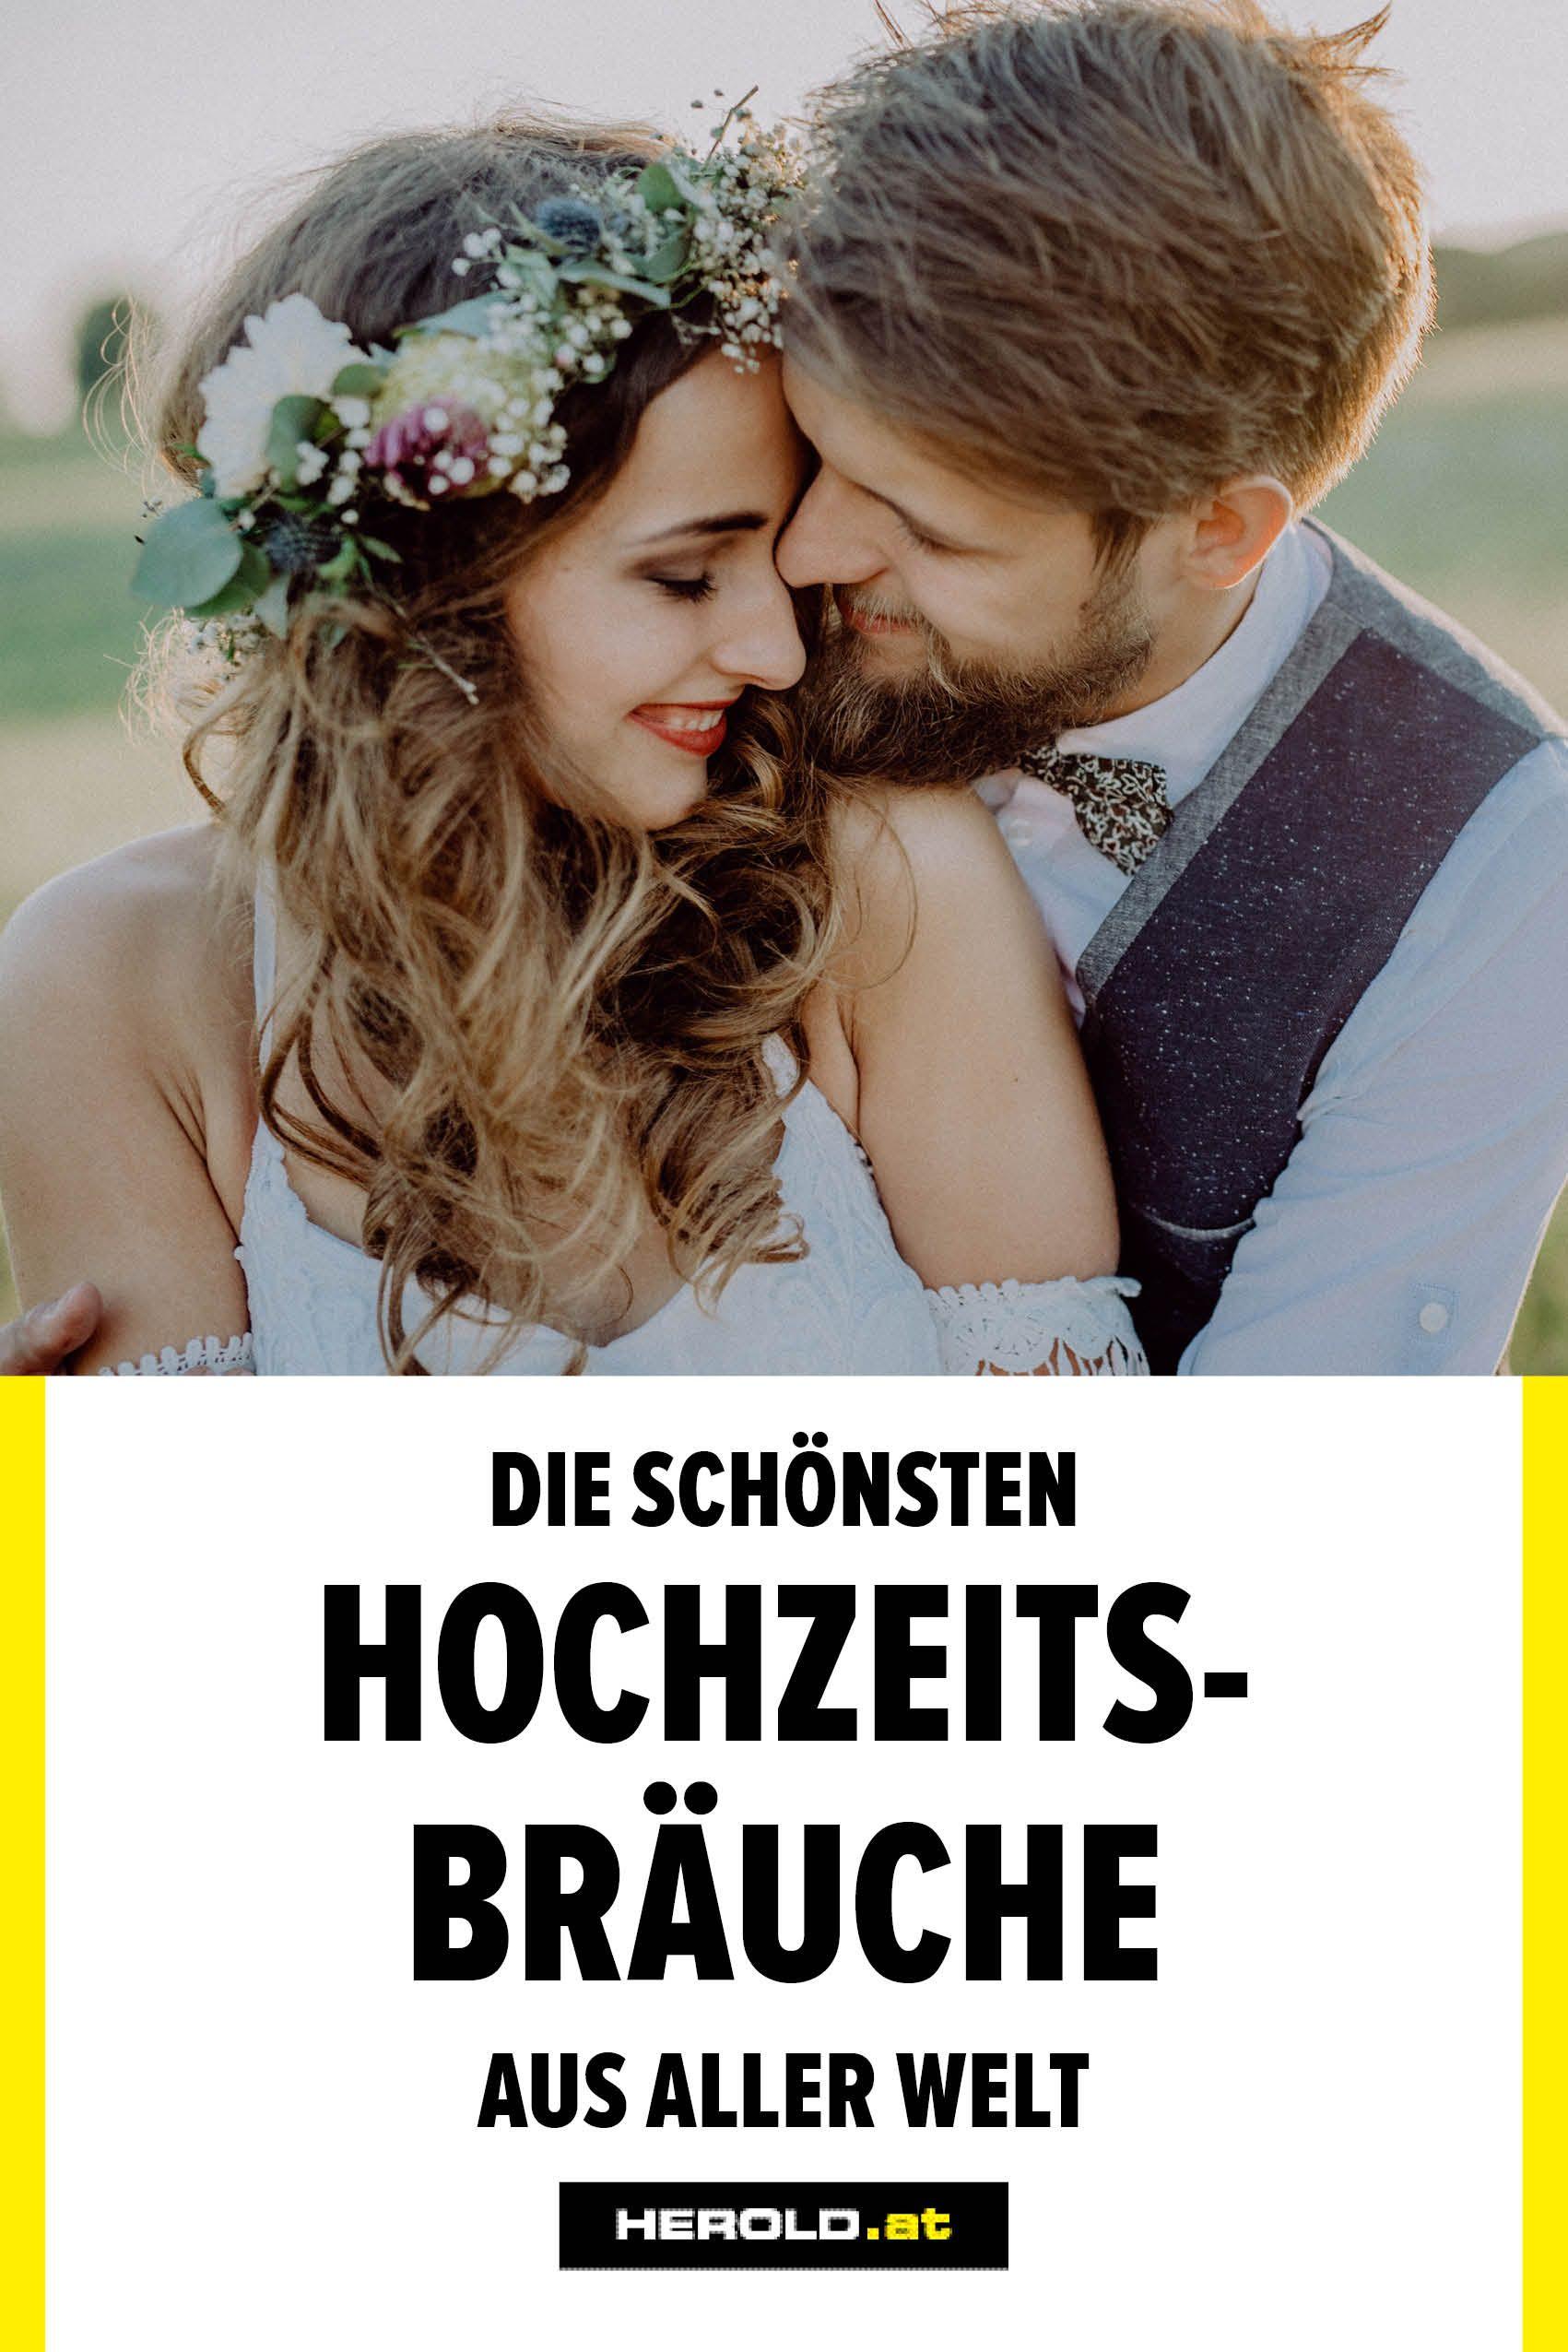 Schone Hochzeitsbrauche Aus Aller Welt Hochzeit Brauche Strumpfband Hochzeit Hochzeitsbrauche